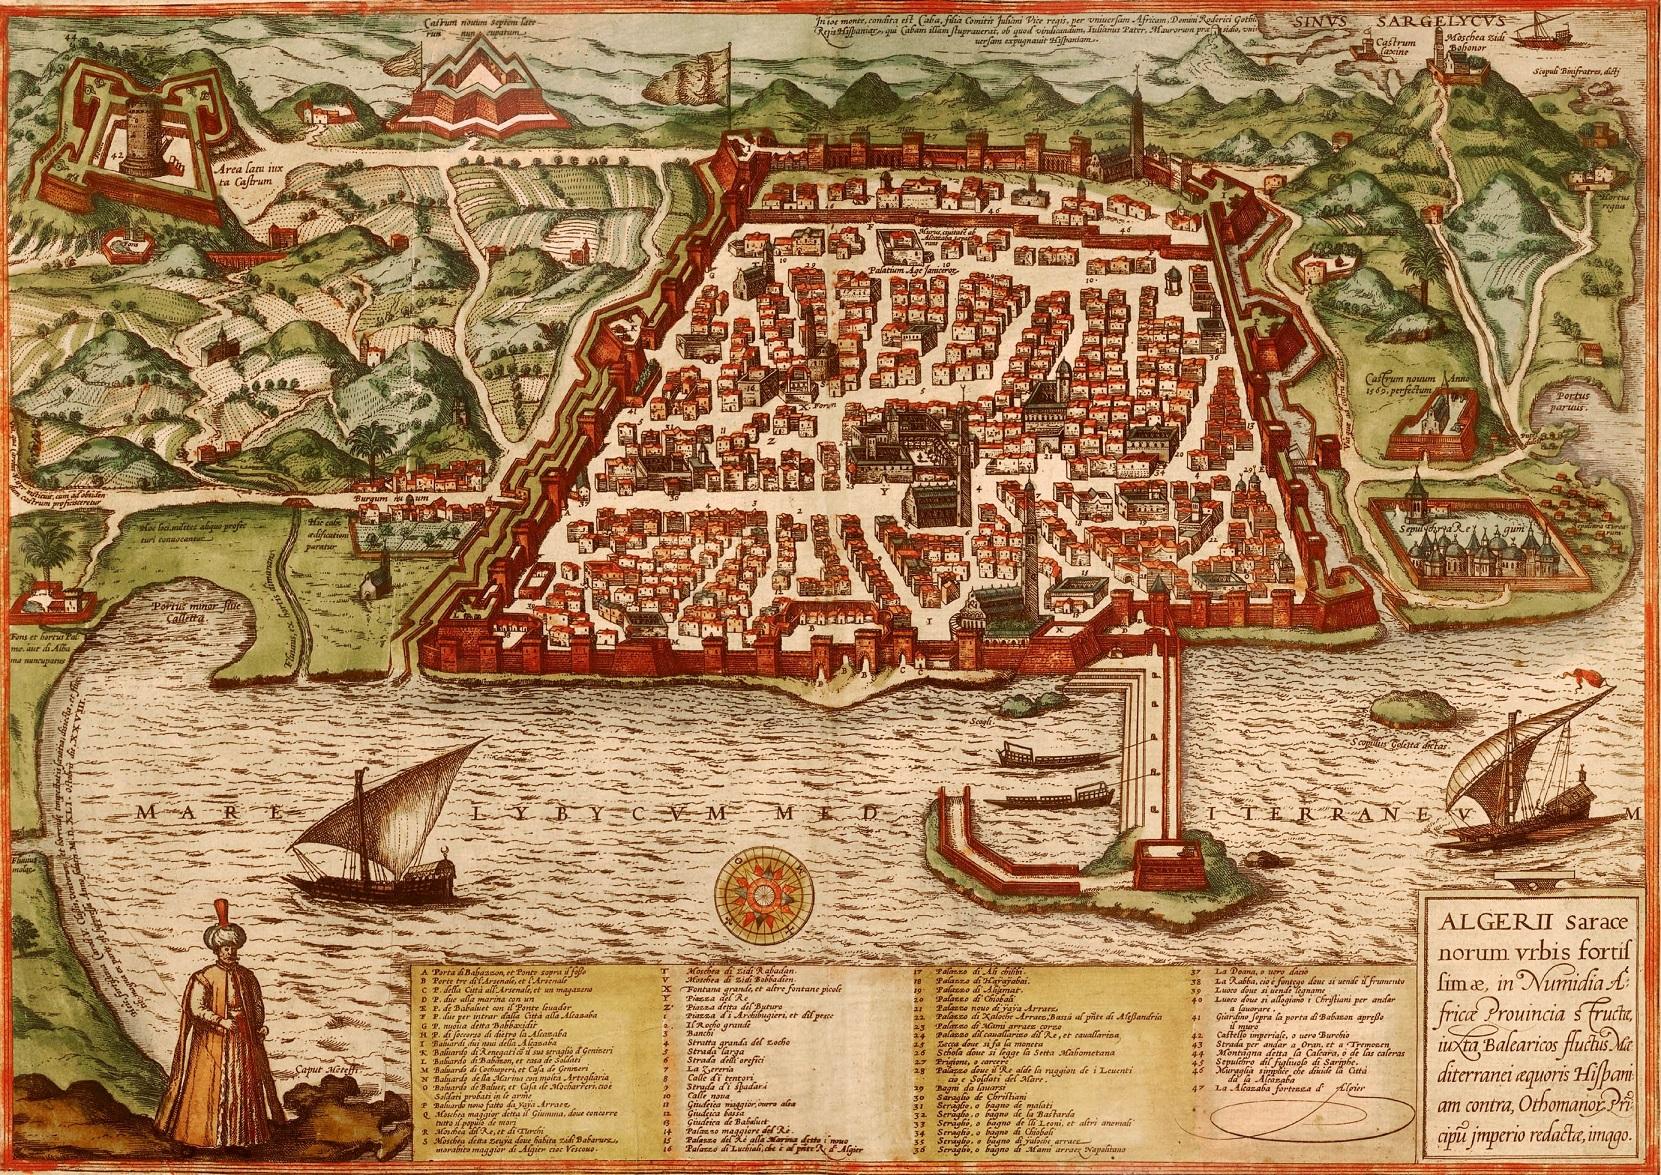 Algier, jedna z głównych baz floty ottomańskiej.jpg